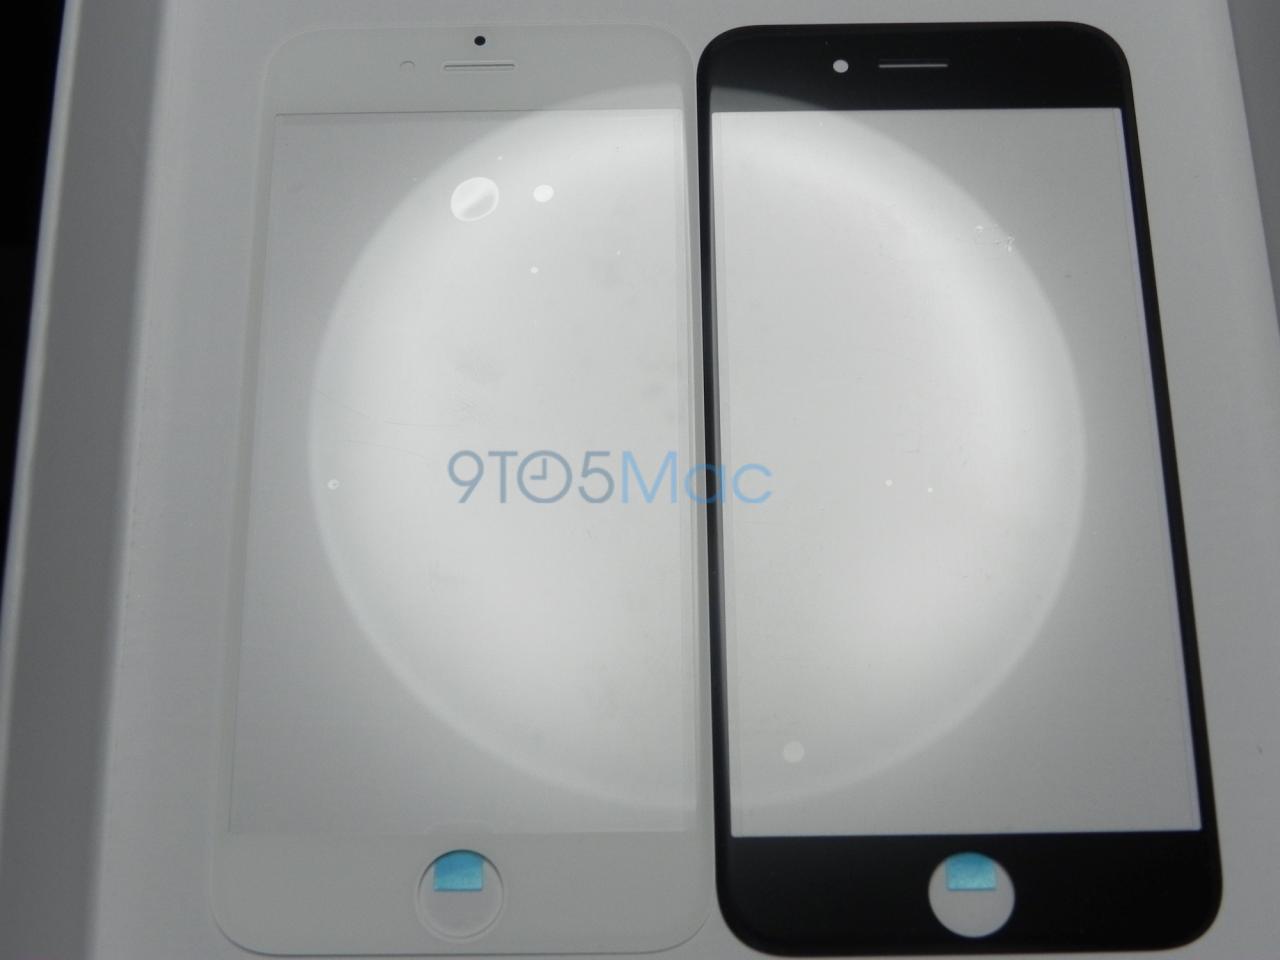 снимки передней панели iPhone 6